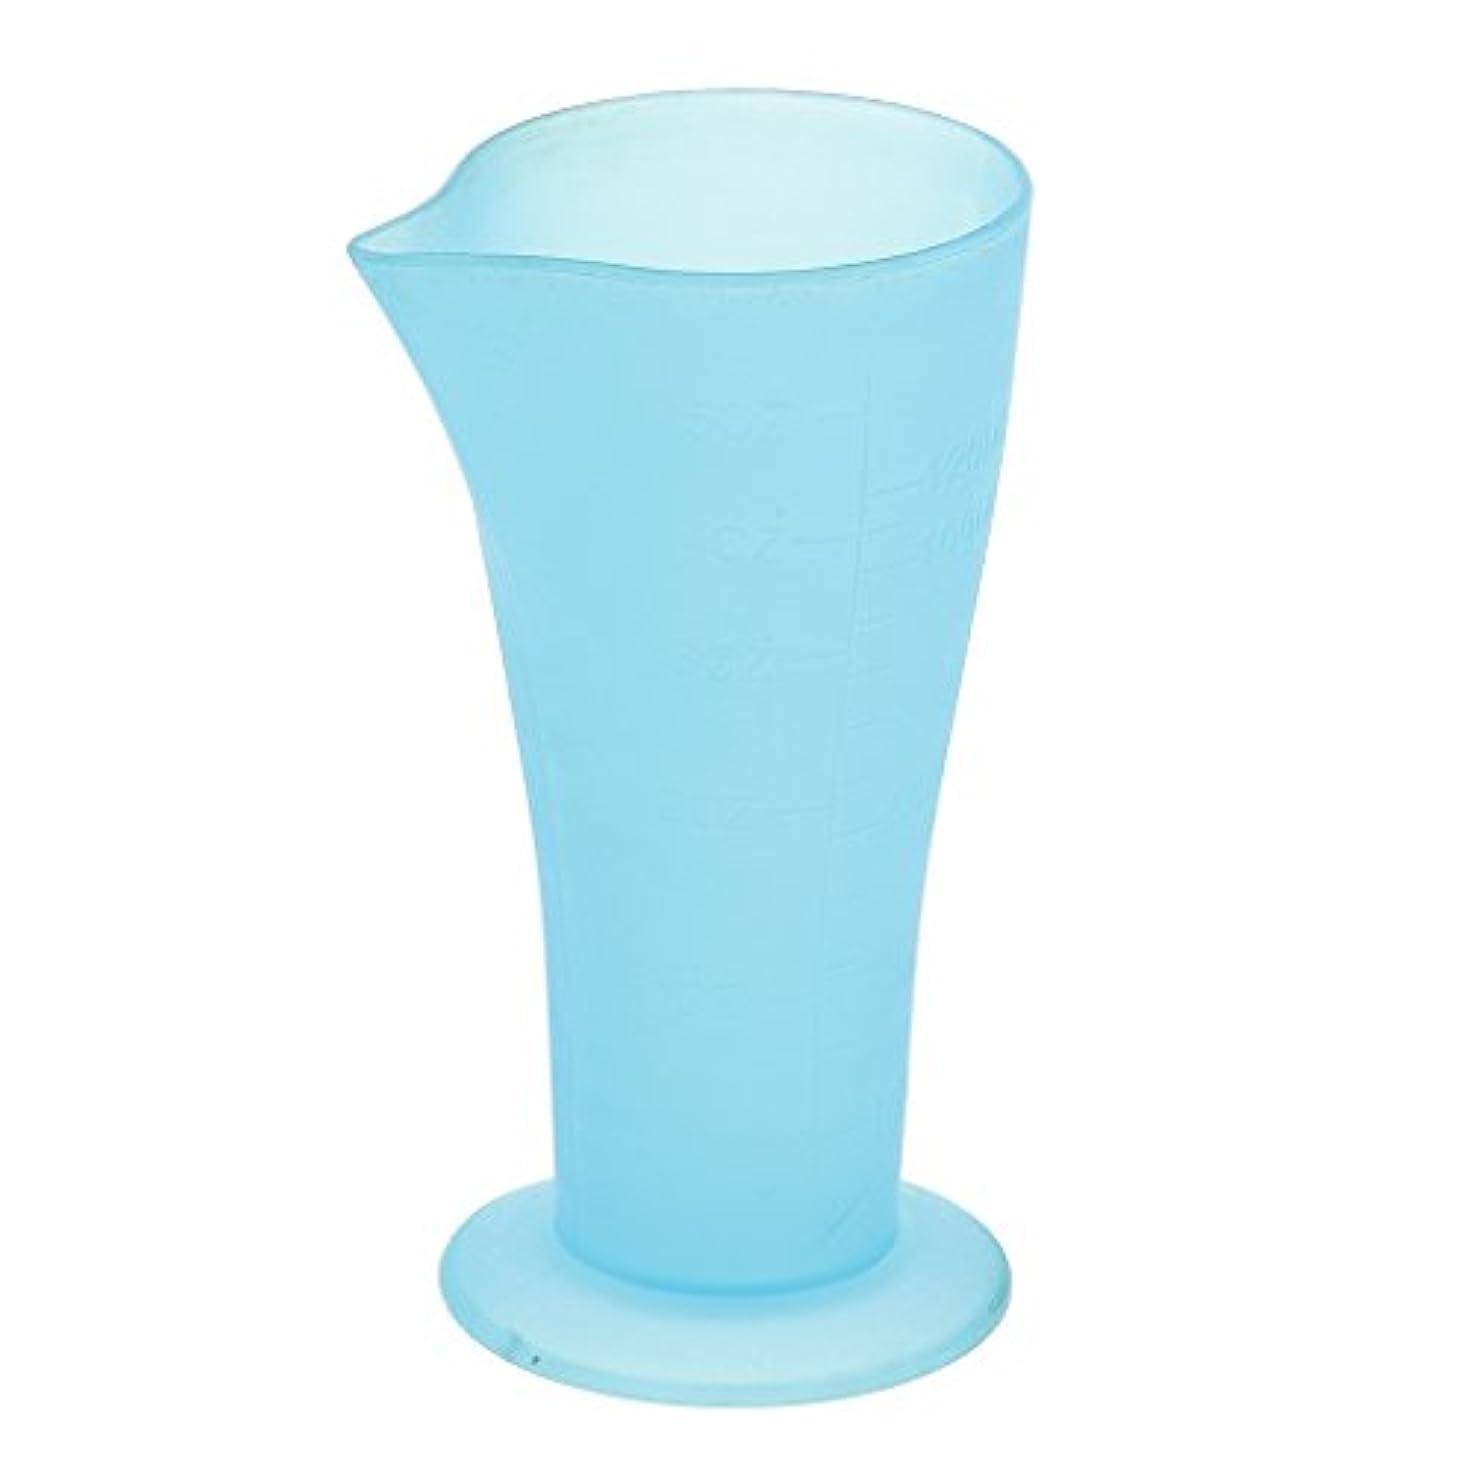 参照ブラシインチ計量カップ ヘアダイカップ ヘアカラーカップ 再使用可 120mL ヘアサロン